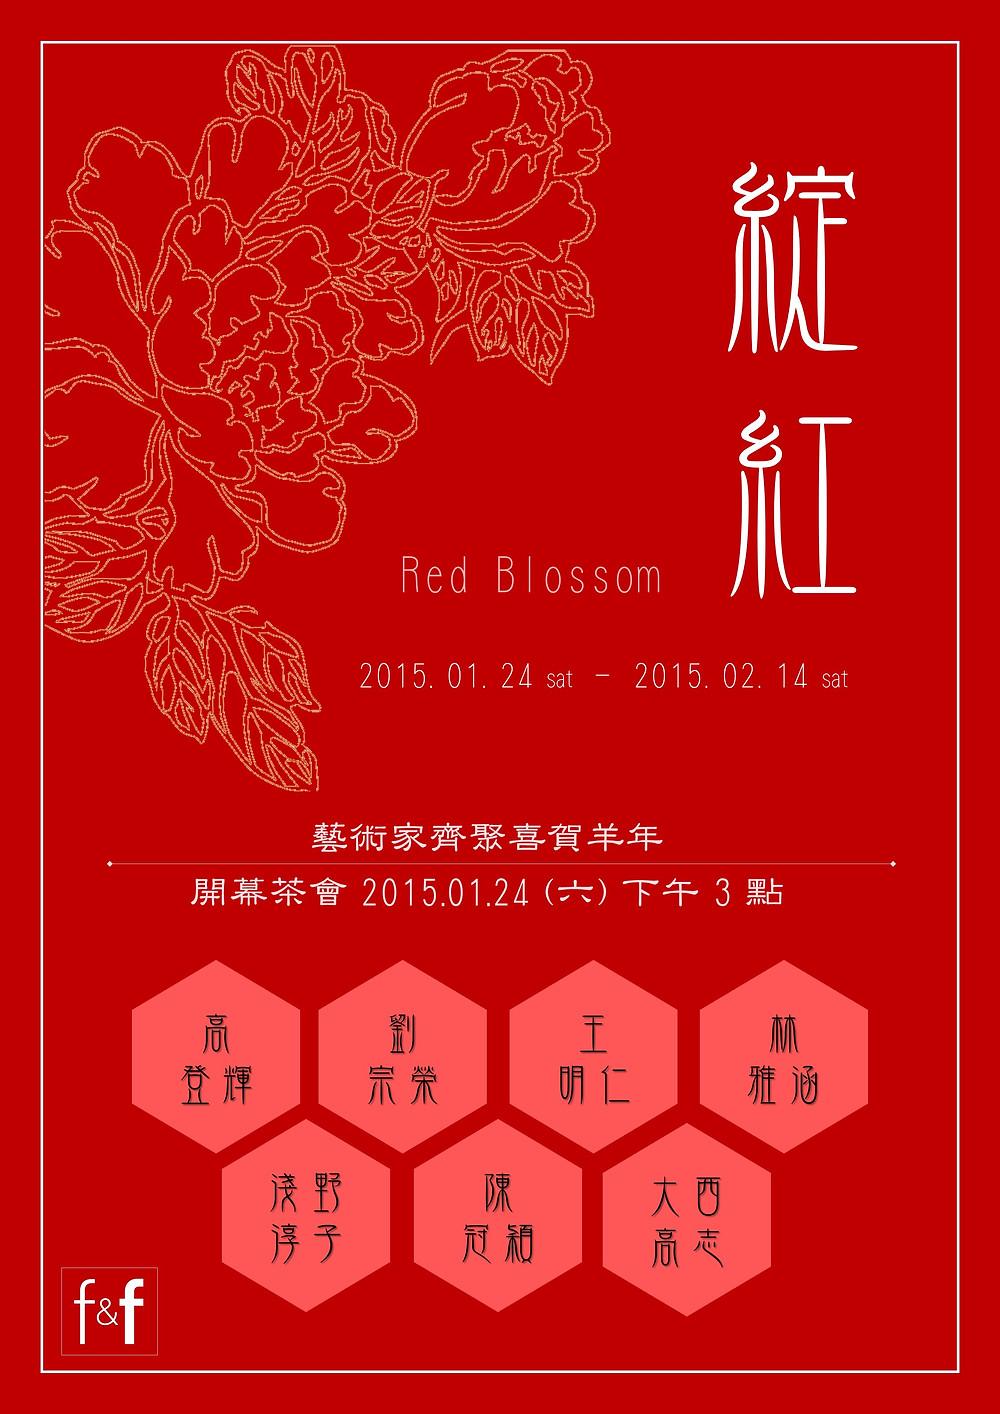 【綻紅Red Blossom】台日七人新春聯展 @Galerie F&F